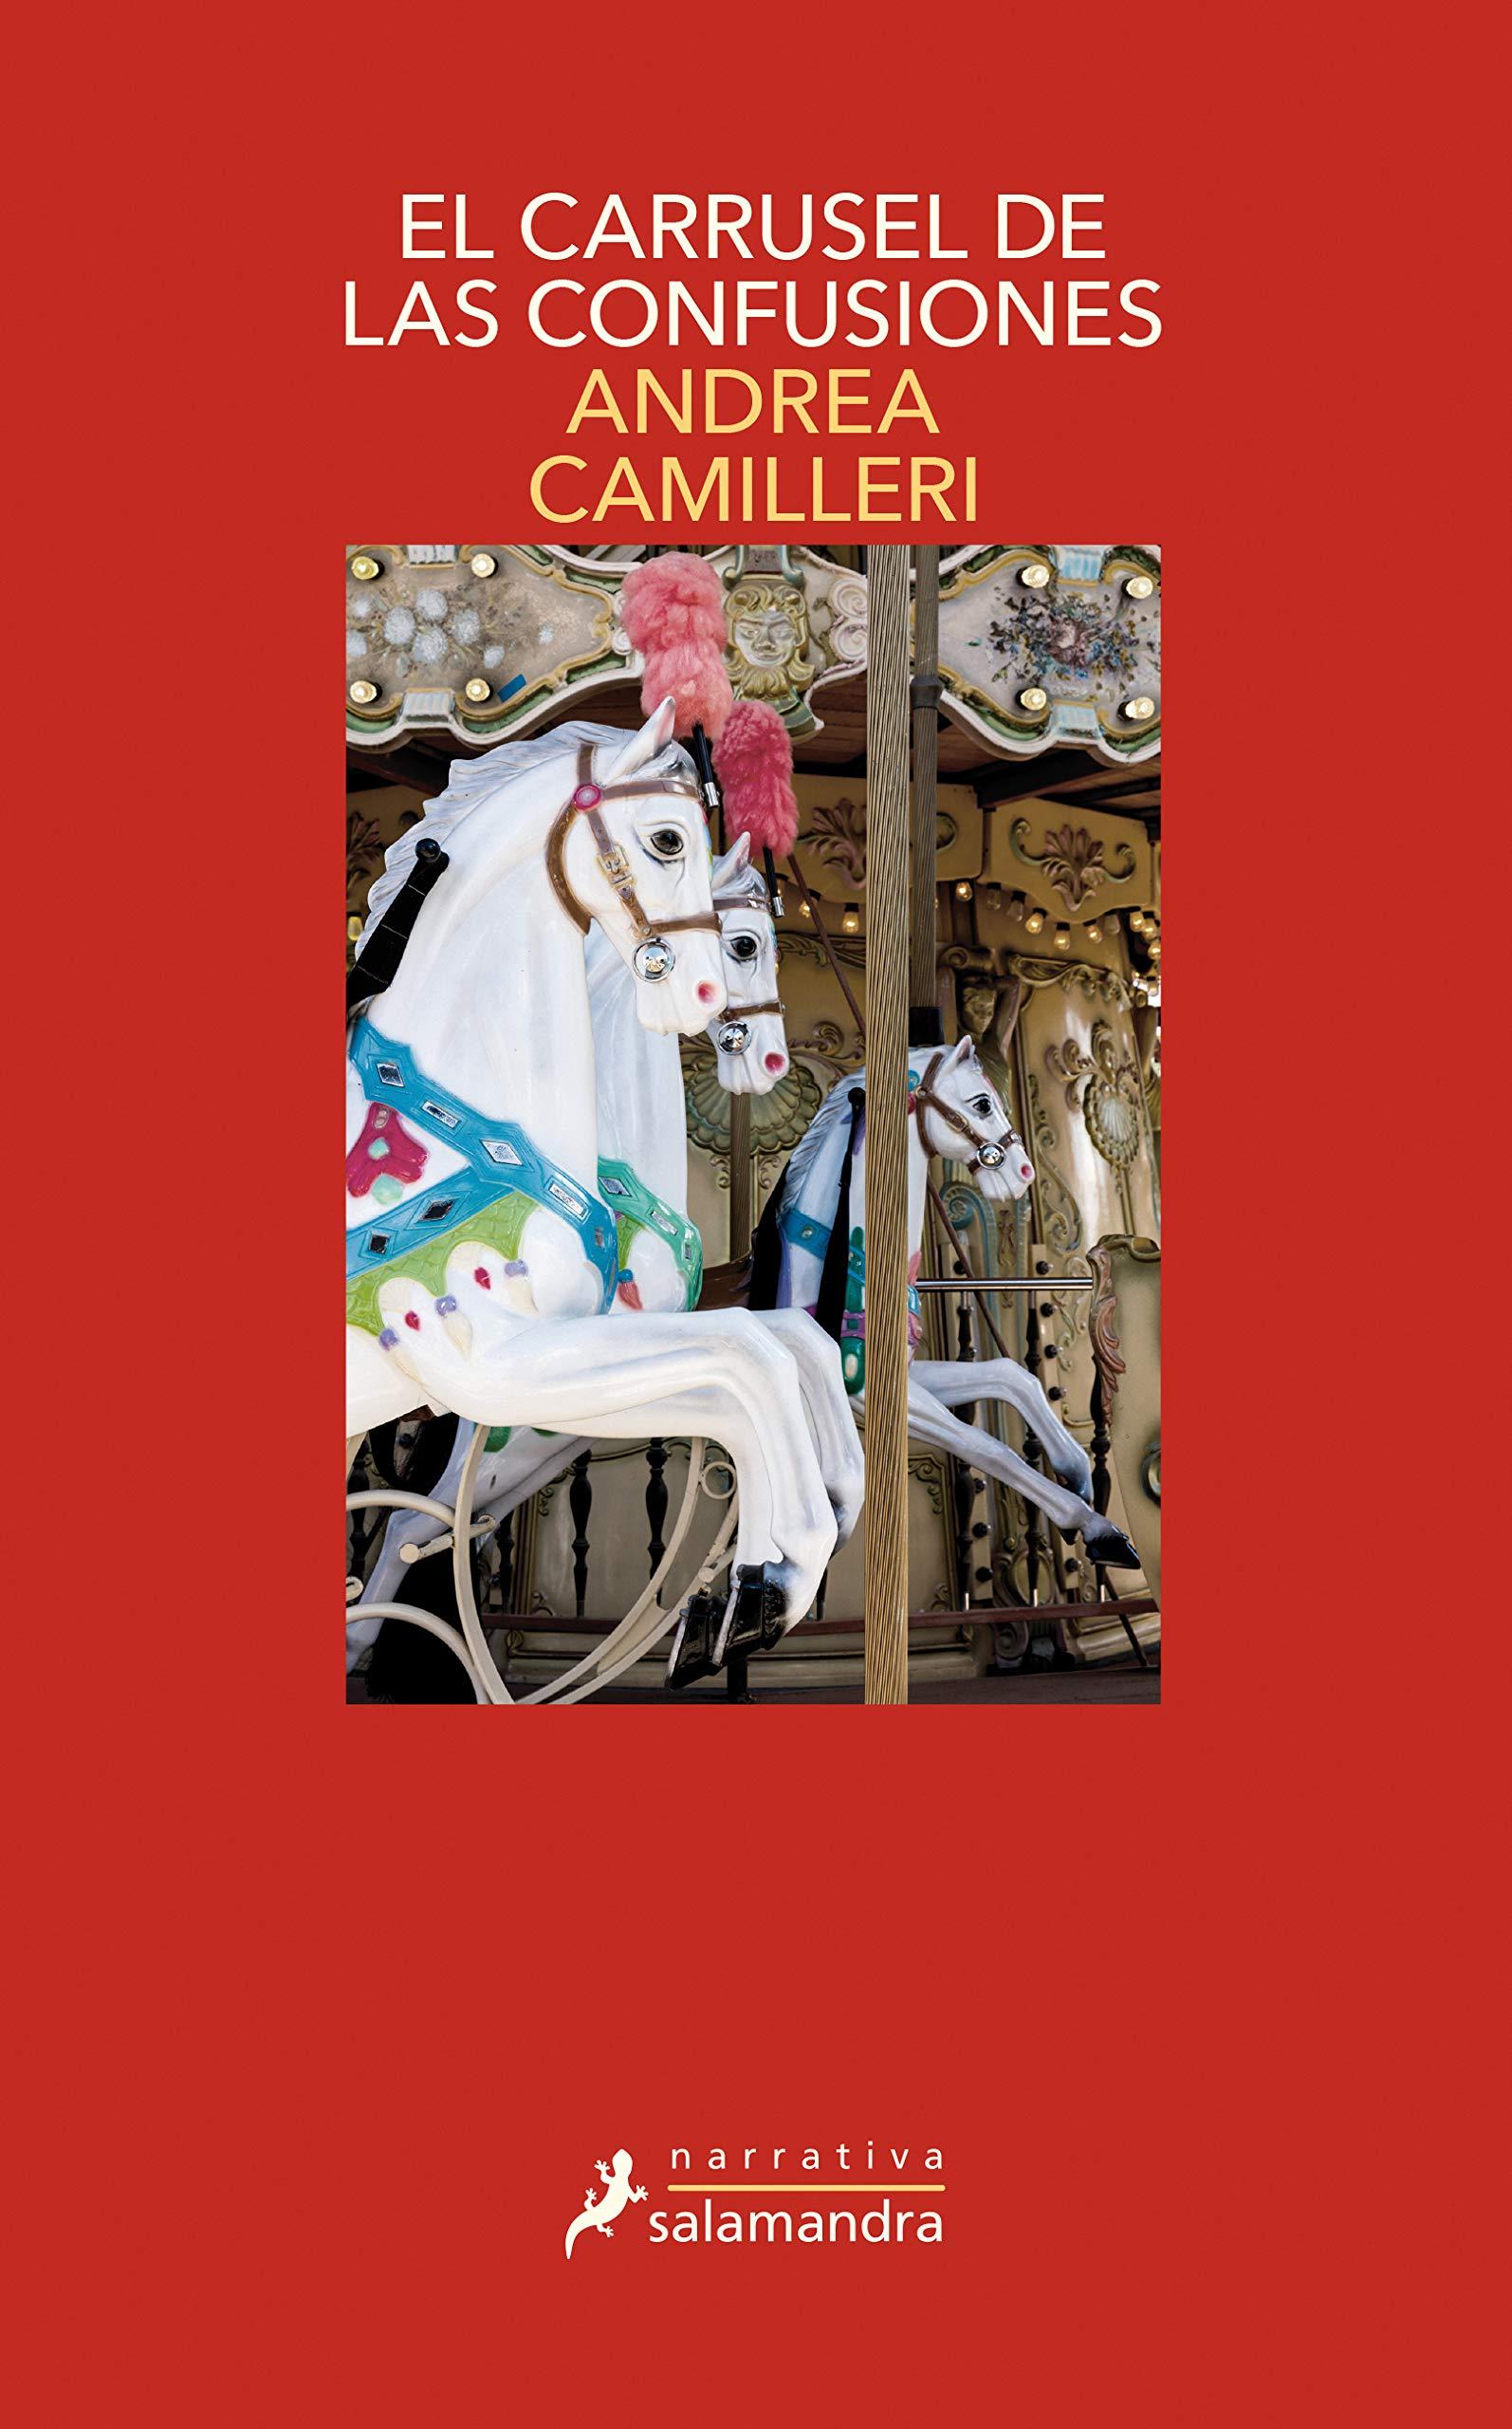 El carrusel de las confusiones: Montalbano - Libro 28 (Serie Moltalbano)  por Andrea